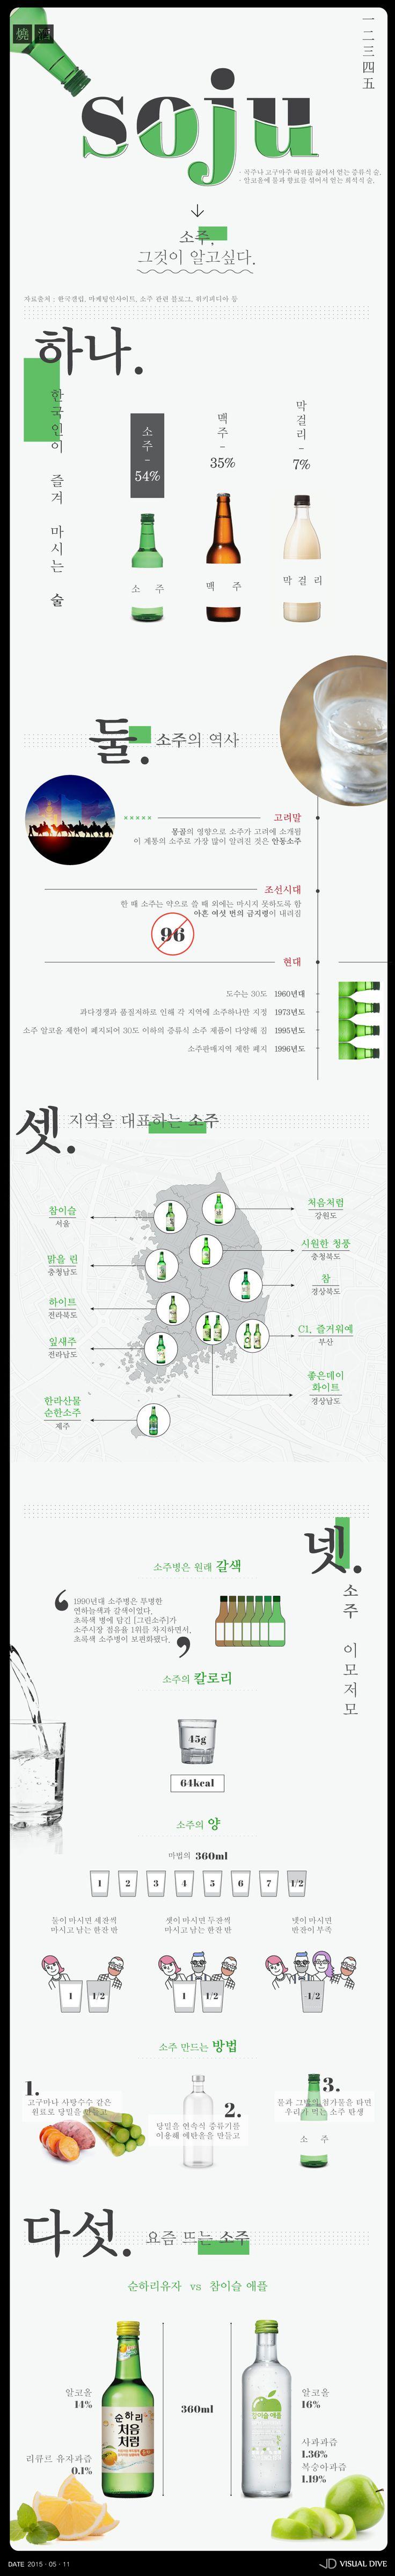 기쁨도 슬픔도 45g 한 잔이면 충분…한국인들의 국민 술 '소주' 전격 탐구 [인포그래픽] #Soju / #Infographic ⓒ 비주얼다이브 무단 복사·전재·재배포 금지